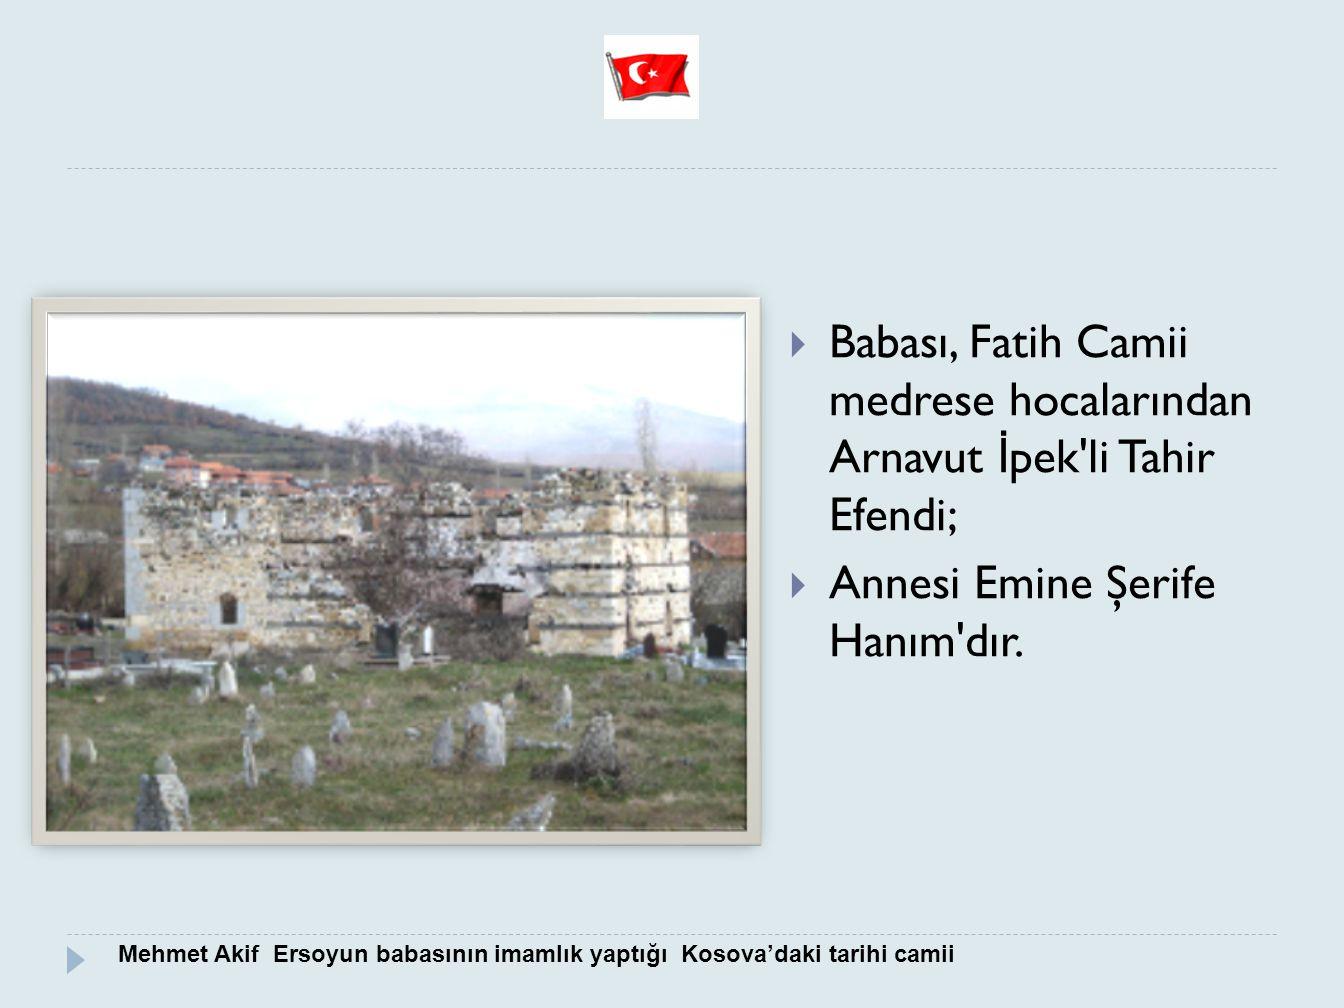 Babası, Fatih Camii medrese hocalarından Arnavut İpek li Tahir Efendi;